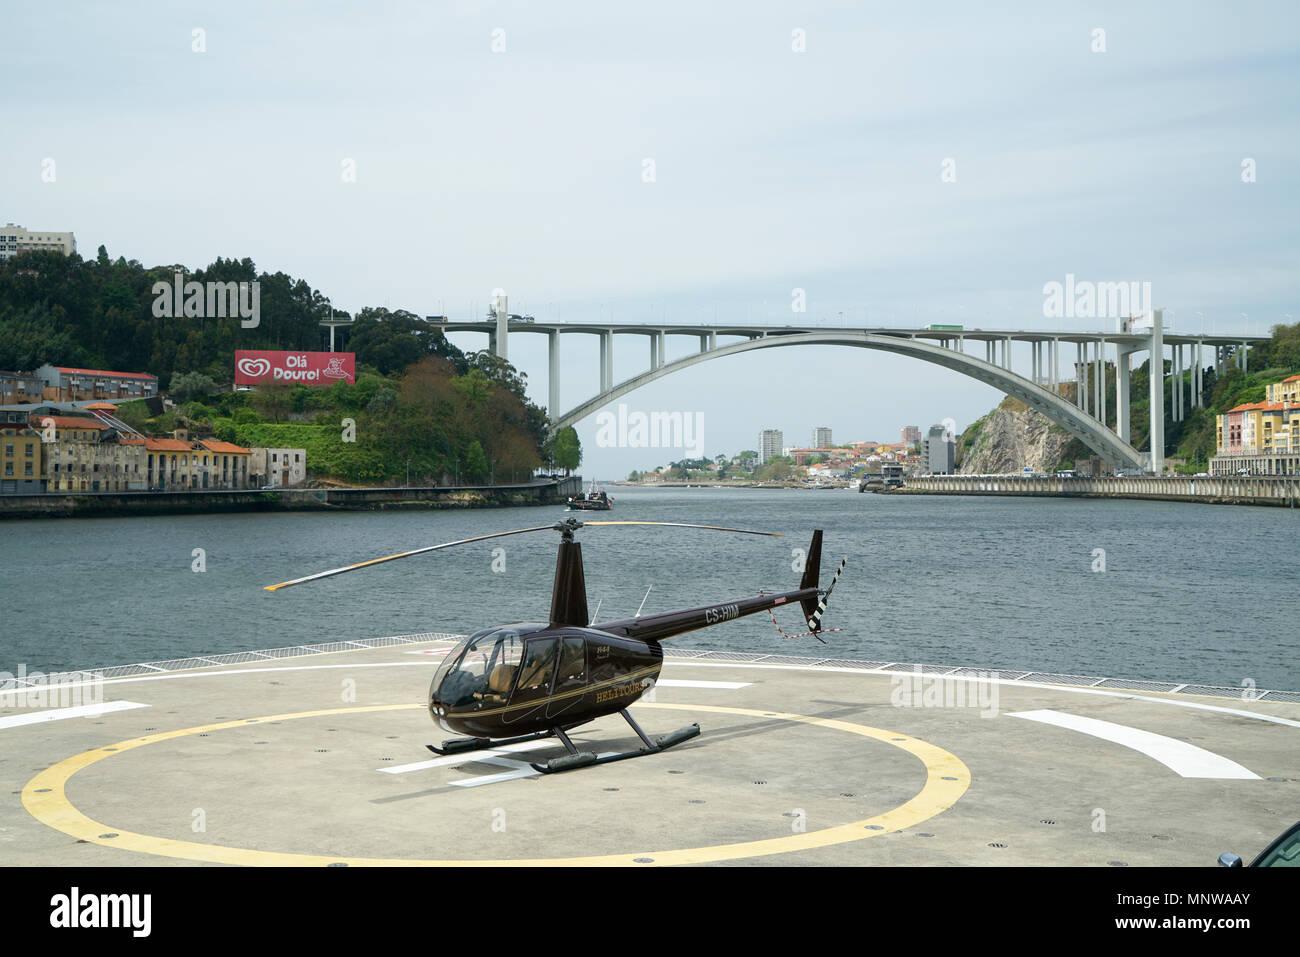 Arrbida Bridge & Raven II Helicopter - Stock Image